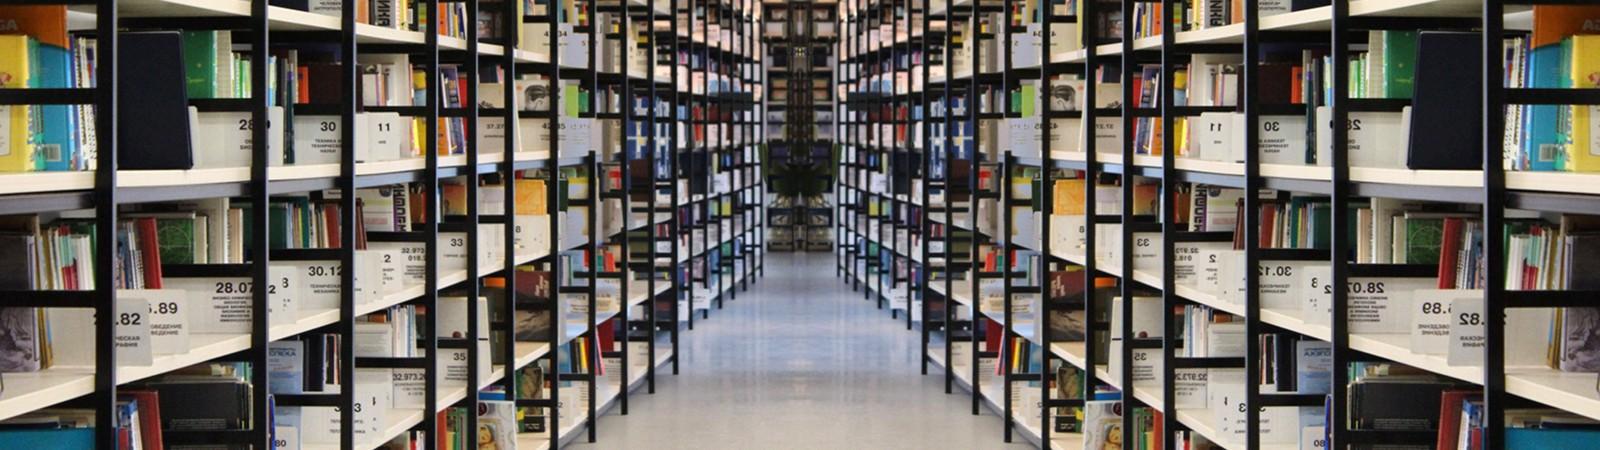 Biblioteka - knygos